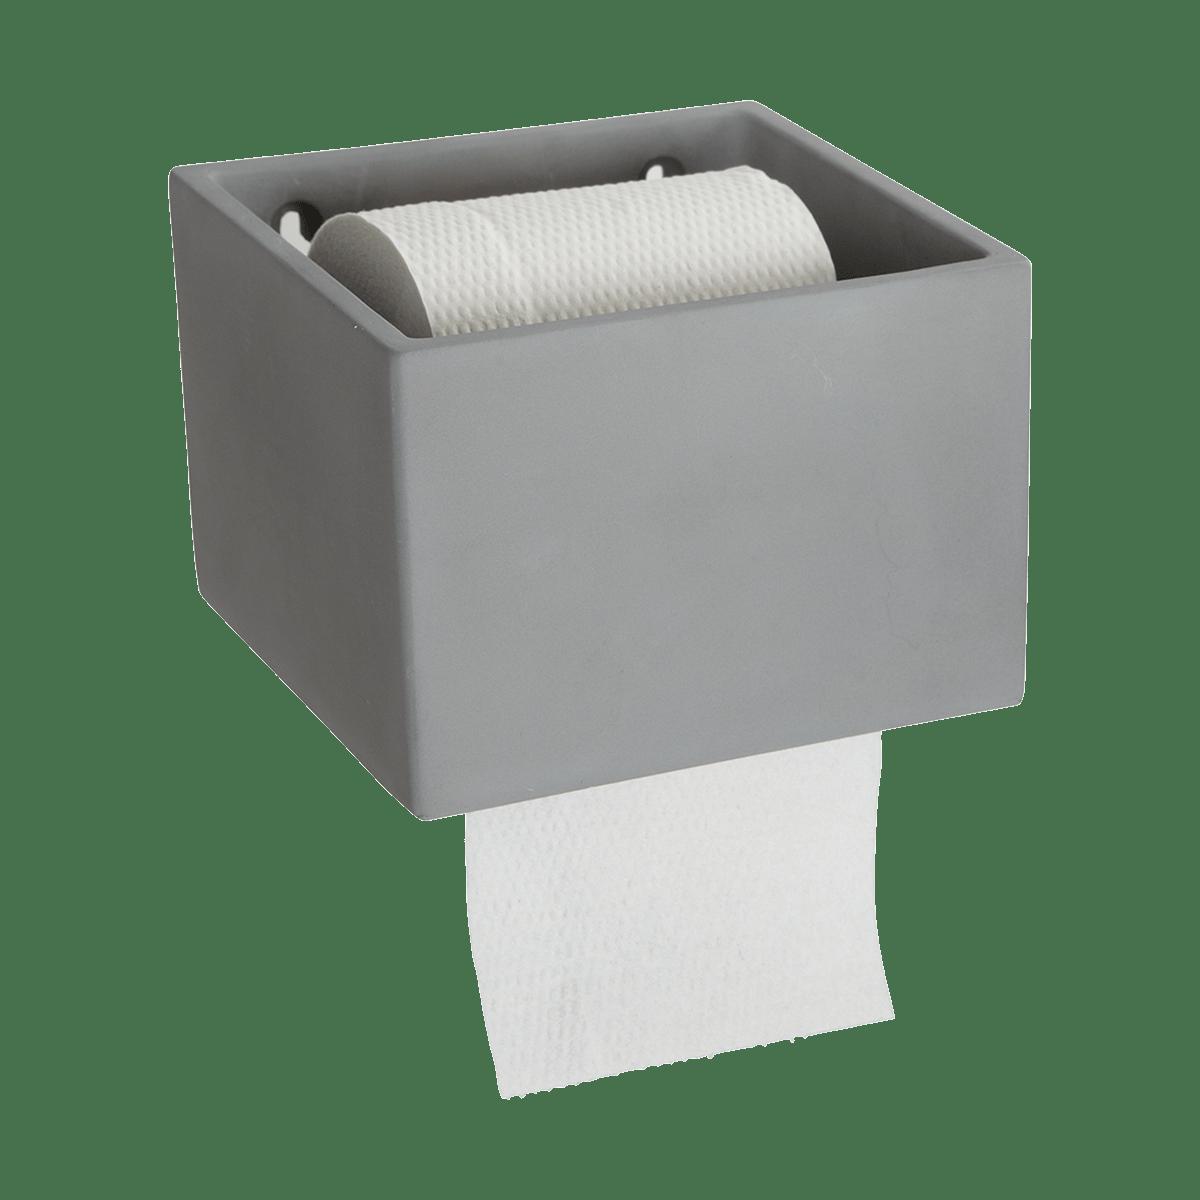 Držák na toaletní papír Cement